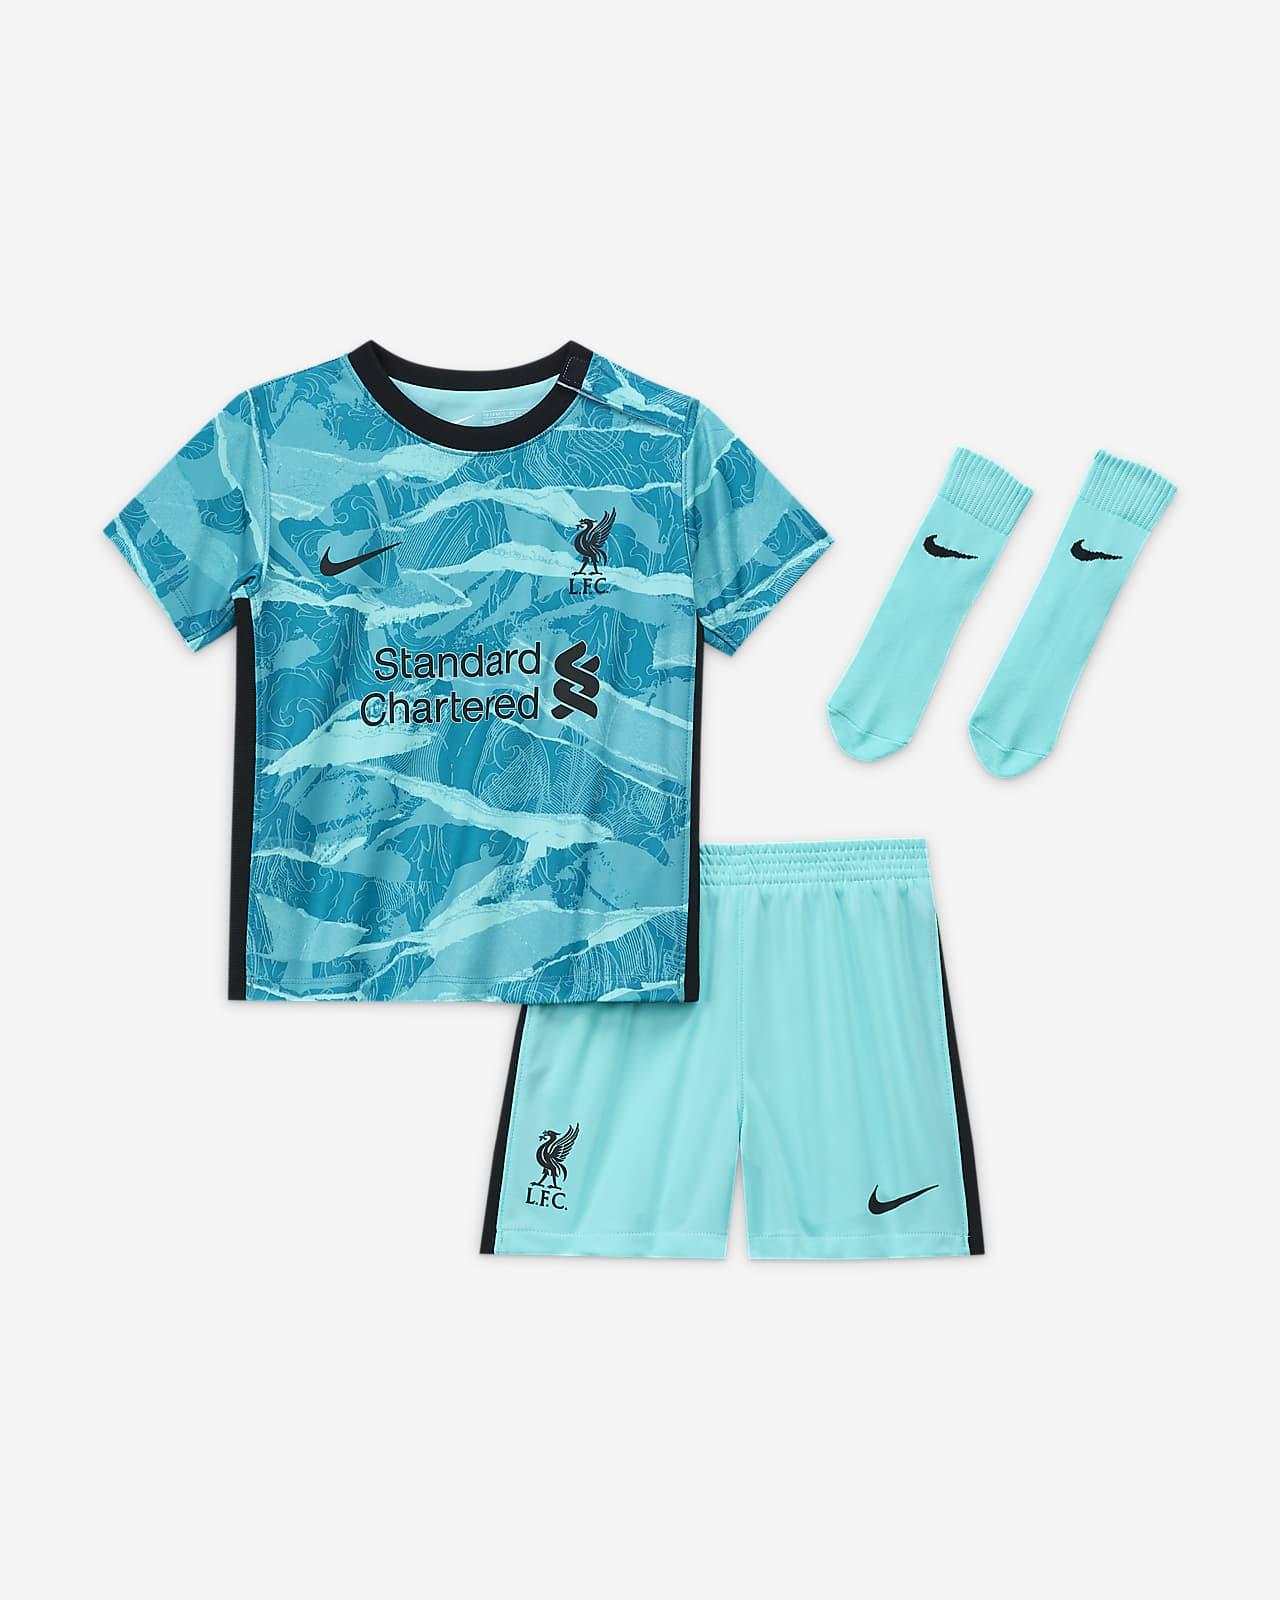 Liverpool FC 2020/21 (bortedrakt) fotballdraktsett til sped-/småbarn